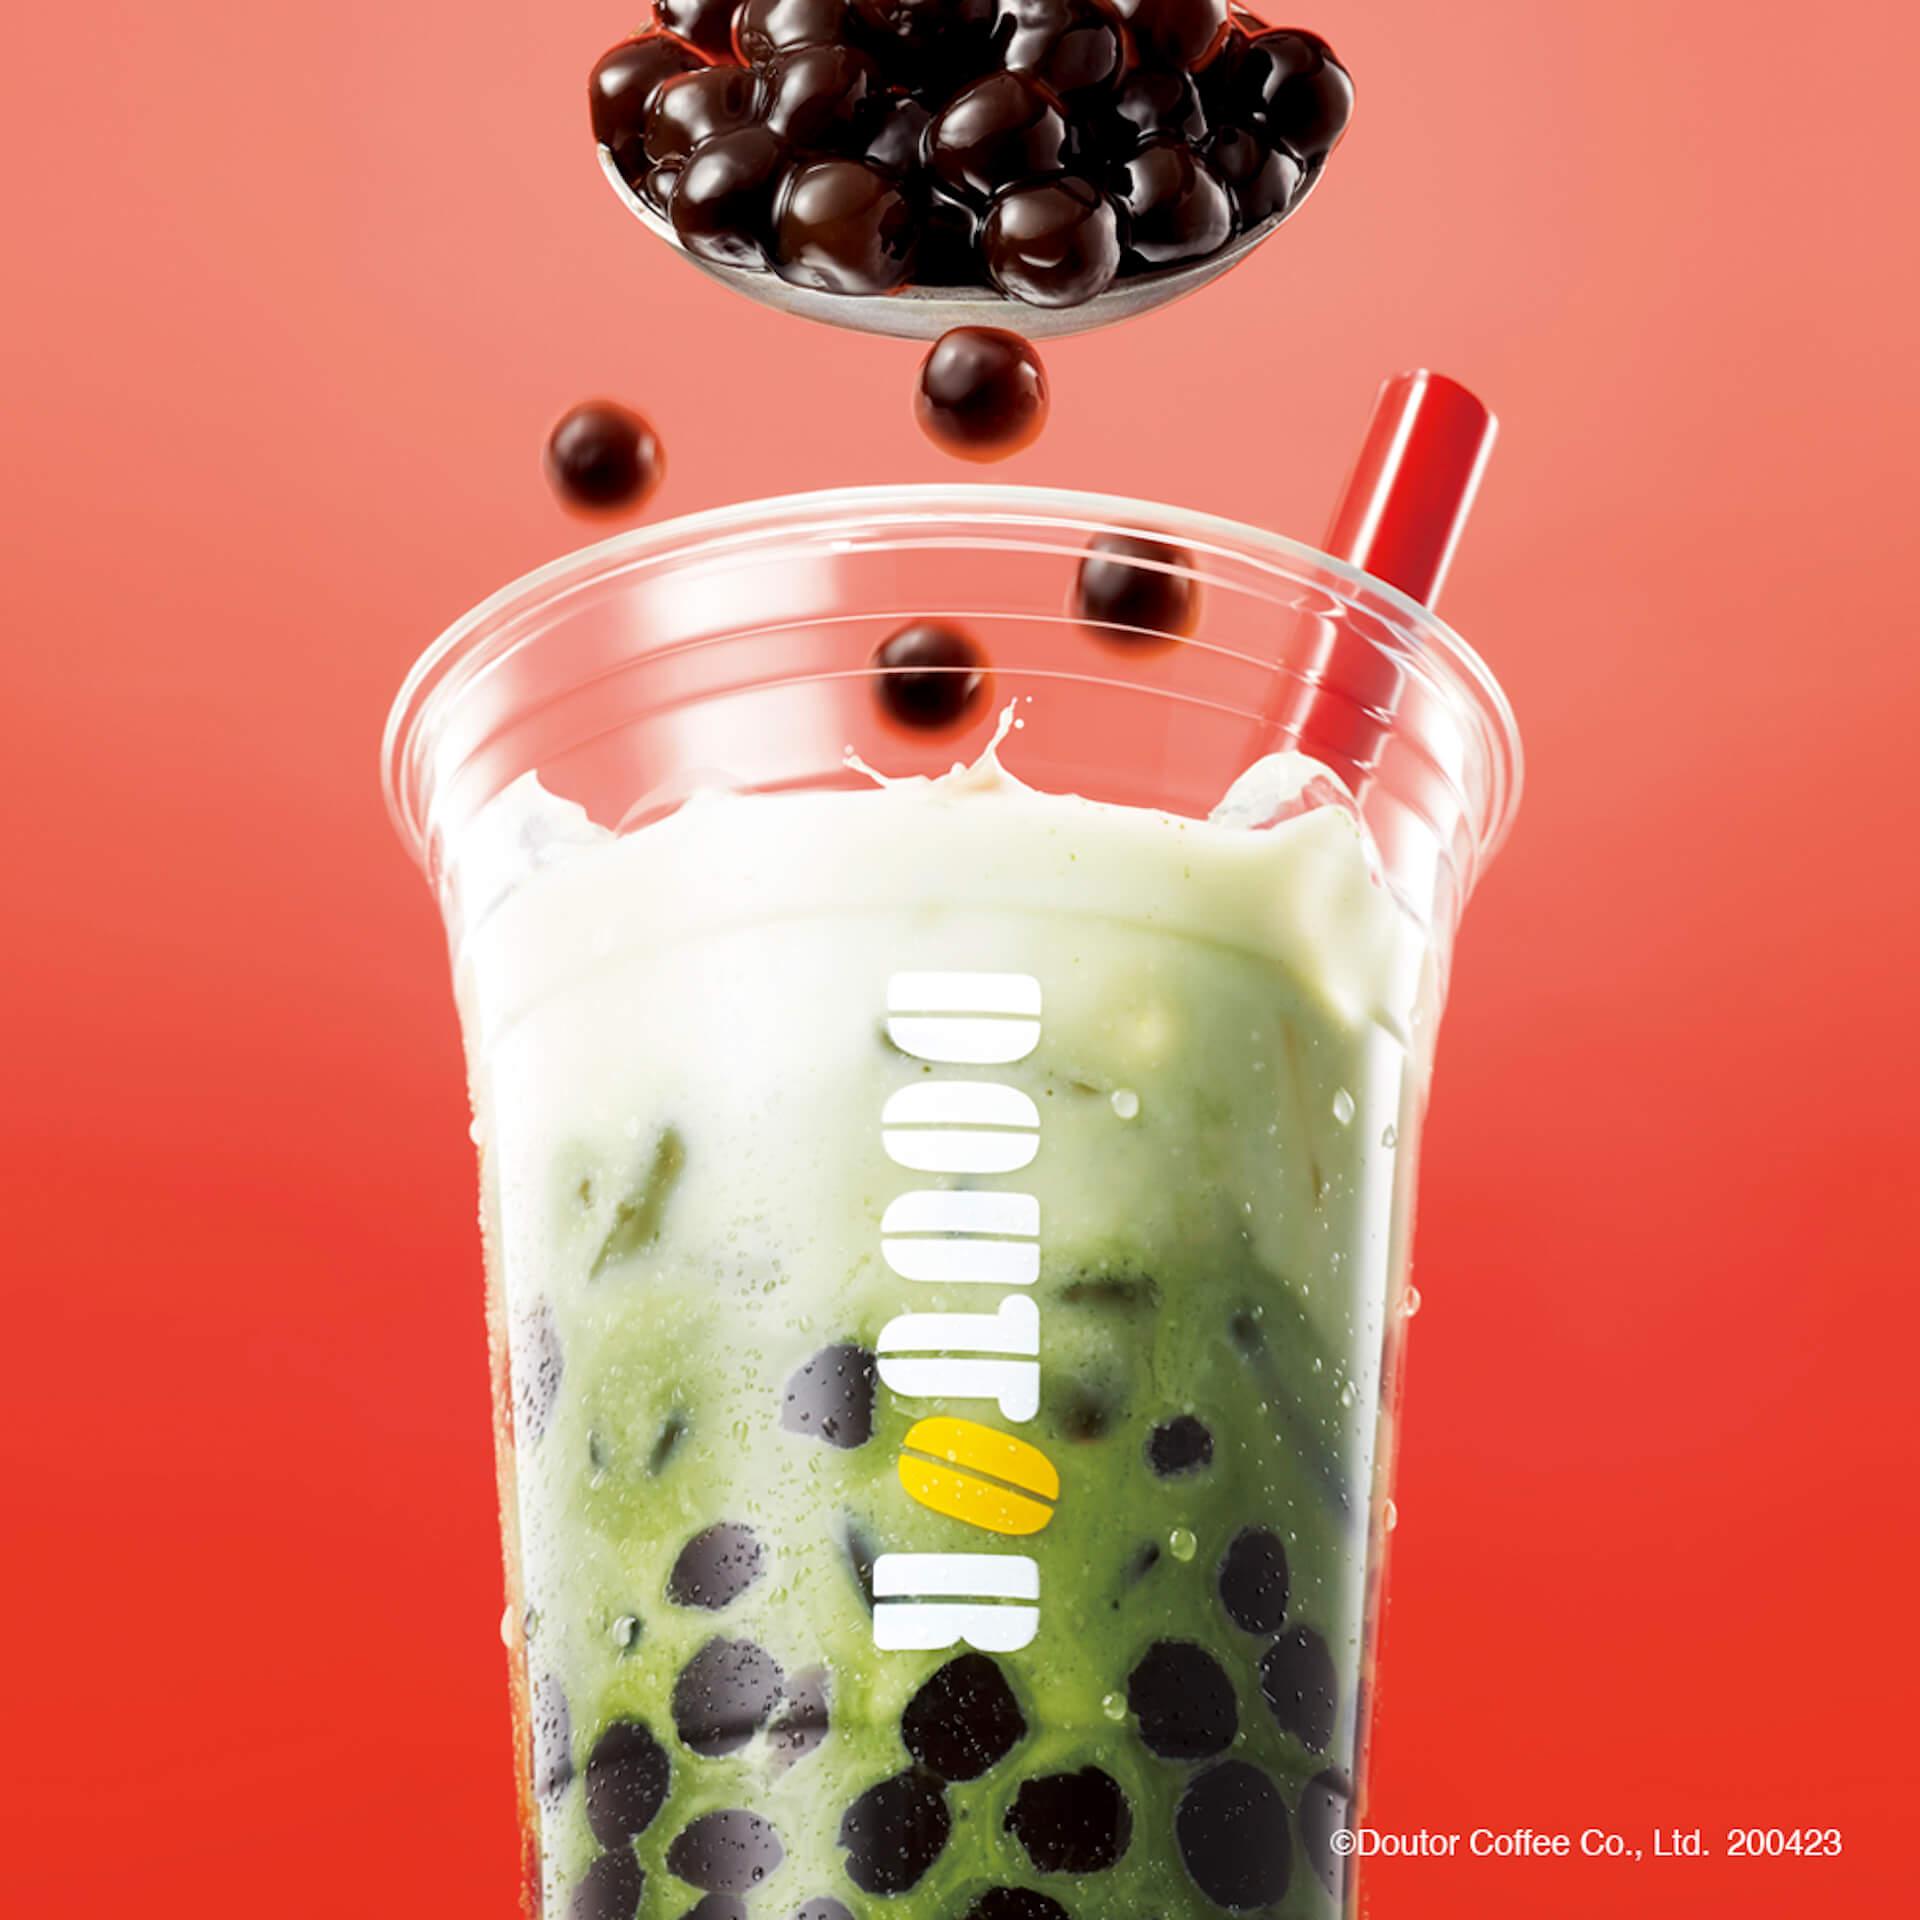 ドトールコーヒーで「はちみつレモンヨーグルン」など、初夏にぴったりなスッキリドリンク&スイーツが続々登場! gourmet200526_doutor_3